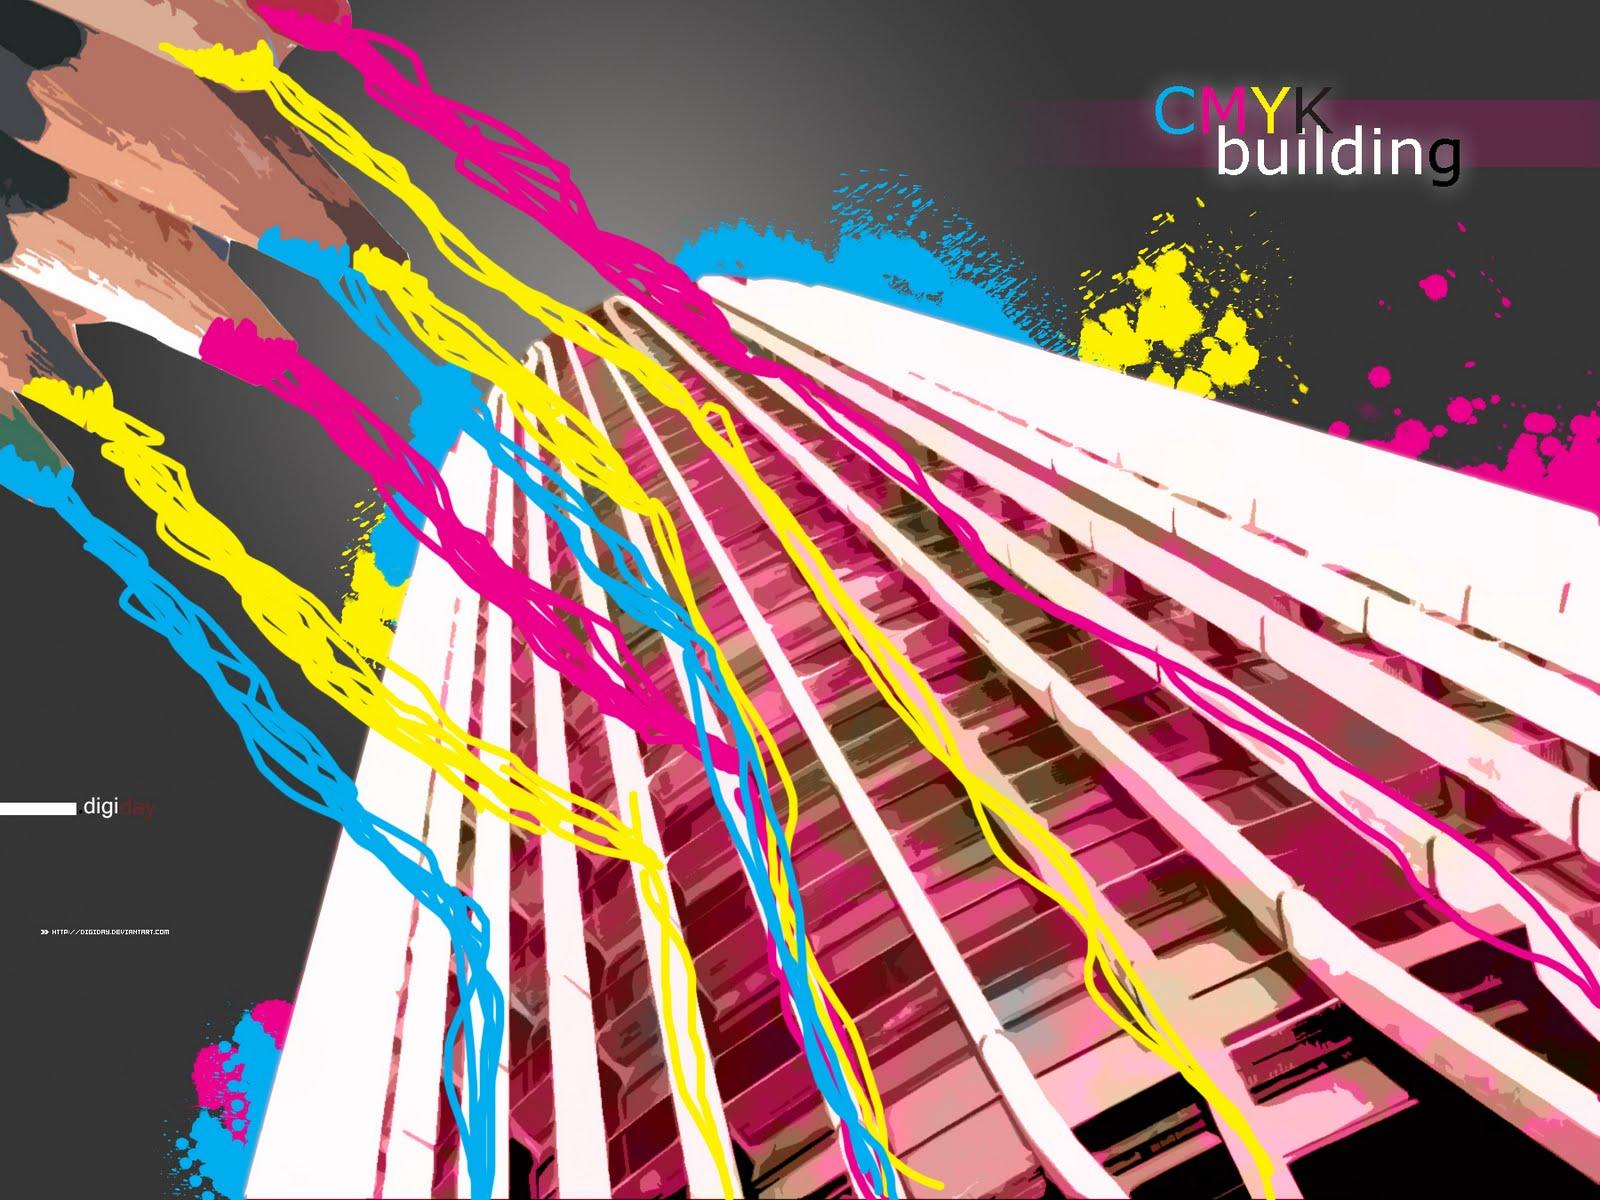 http://3.bp.blogspot.com/-zh1CAmk1qPY/Tln7yOl8ksI/AAAAAAAAAPE/PeDkI3KZPCk/s1600/CMYK_Building_by_DigiDay.jpeg